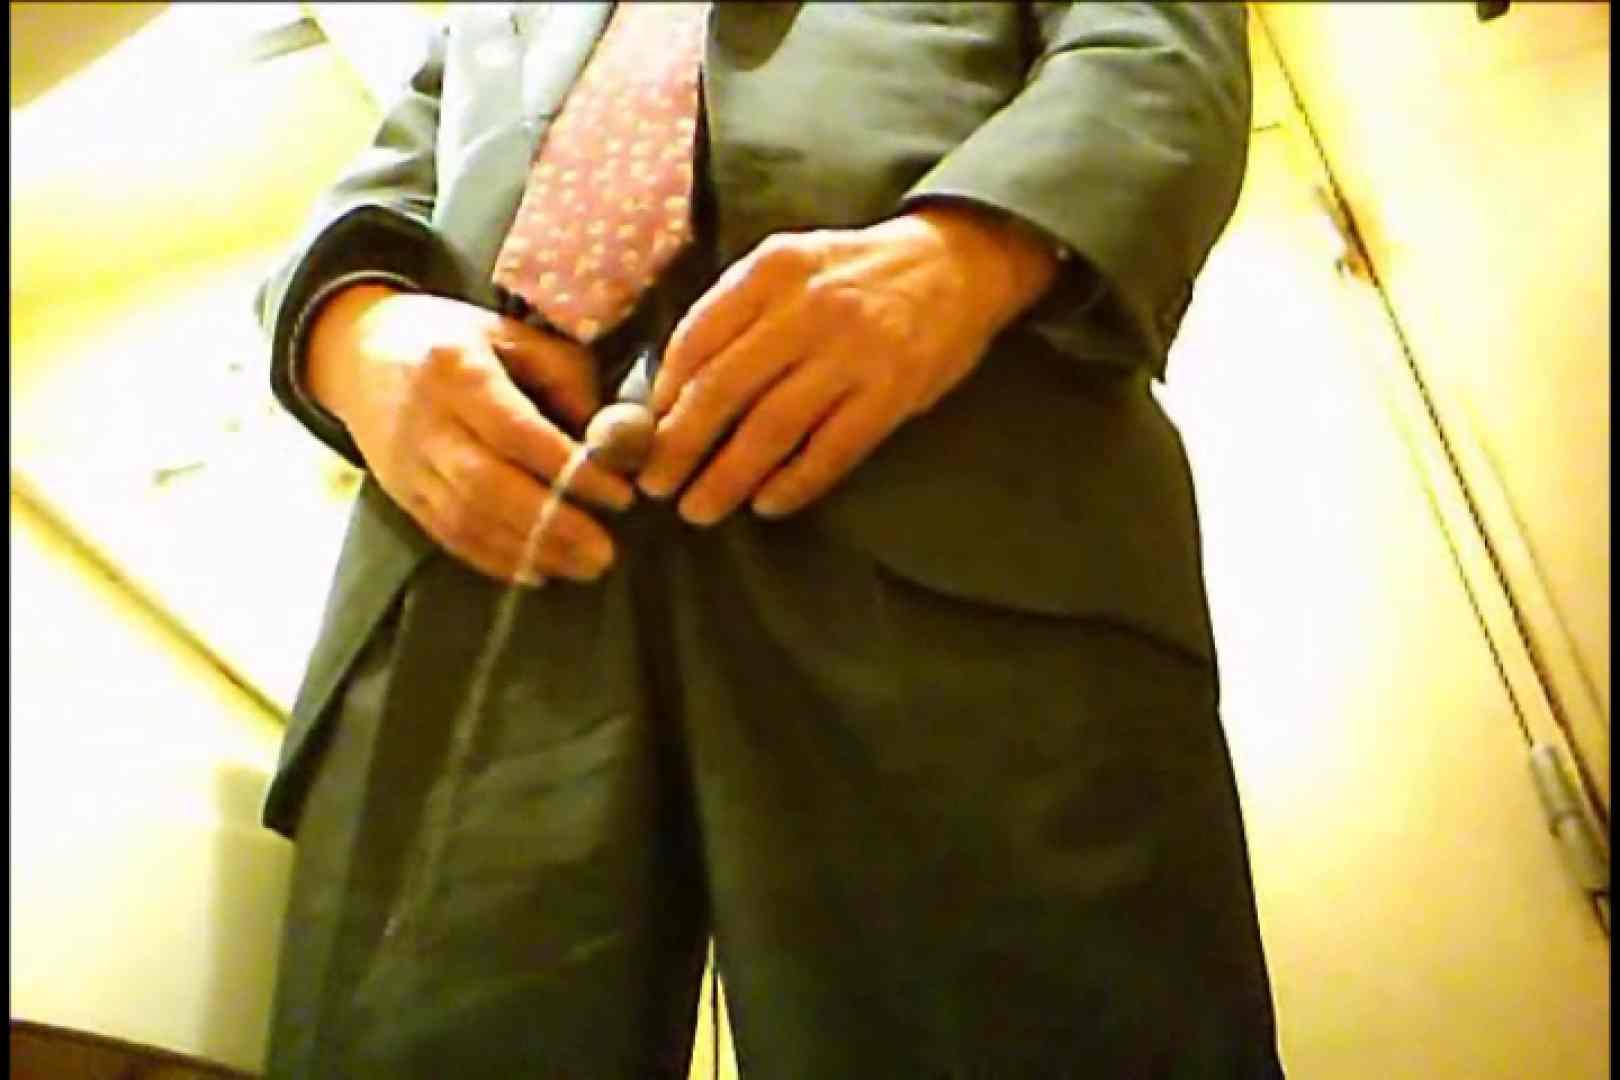 Gボーイ初投稿!掴み取りさんの洗面所覗き!in新幹線!VOL.07 ボーイズ覗き | のぞき  72pic 17